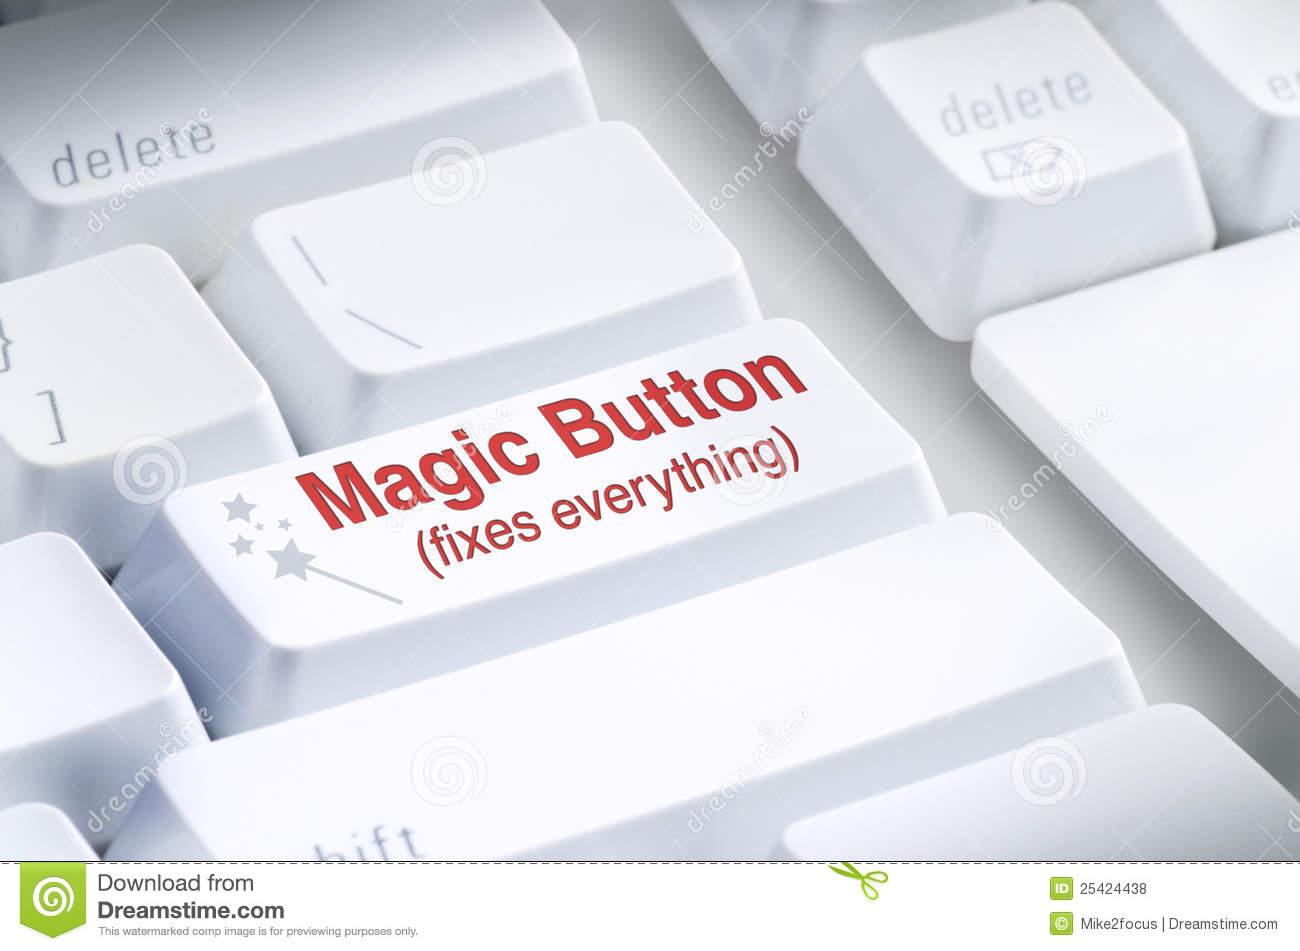 MagicButton